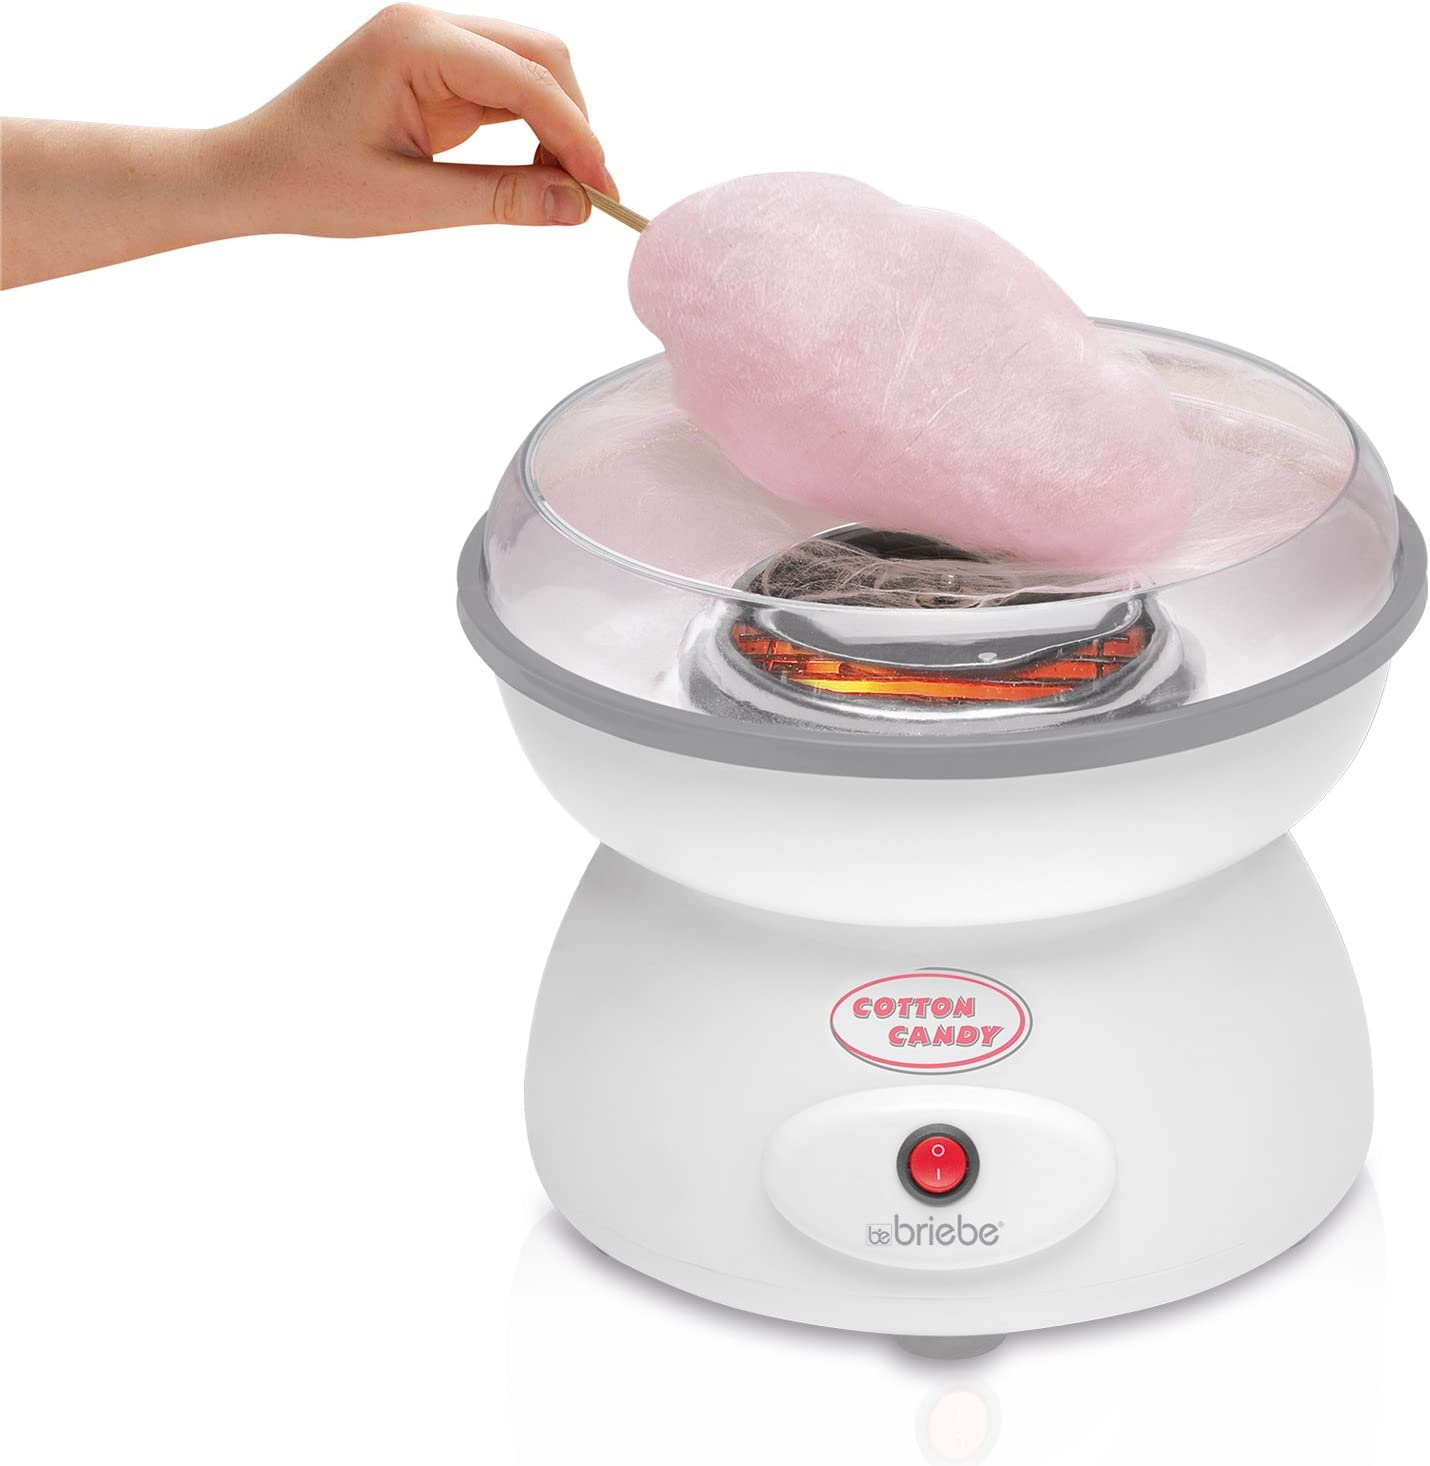 briebe Algodonera Máquina de Hacer algodón de azúcar, Plato de 27 cm, 10 palitos Madera y Cuchara dosificadora: Amazon.es: Hogar